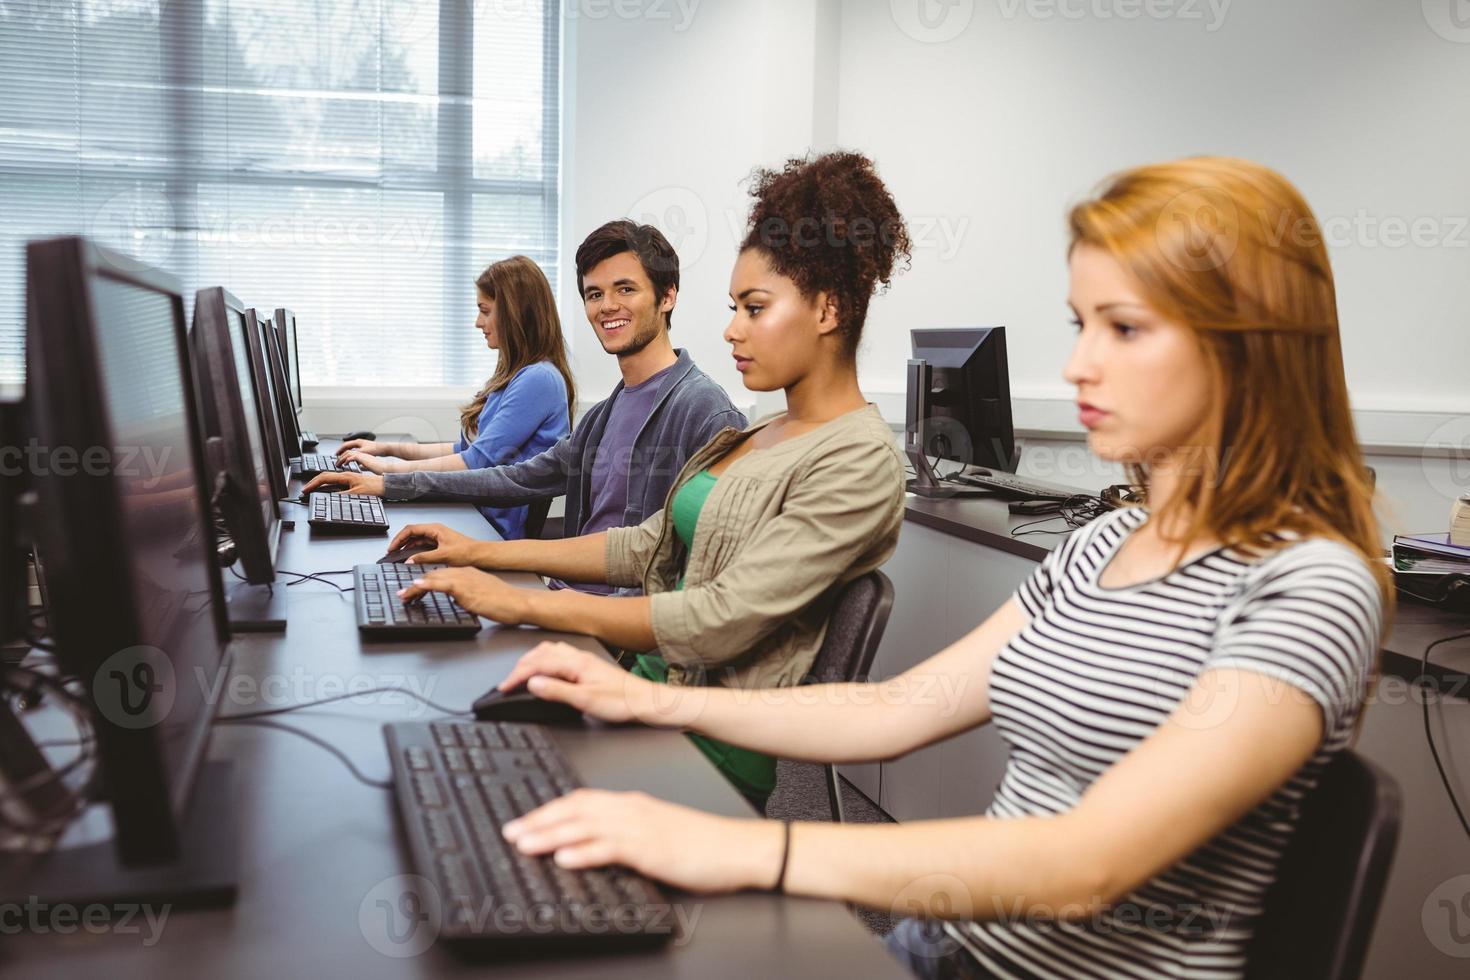 estudiante feliz en clase de informática sonriendo a la cámara foto